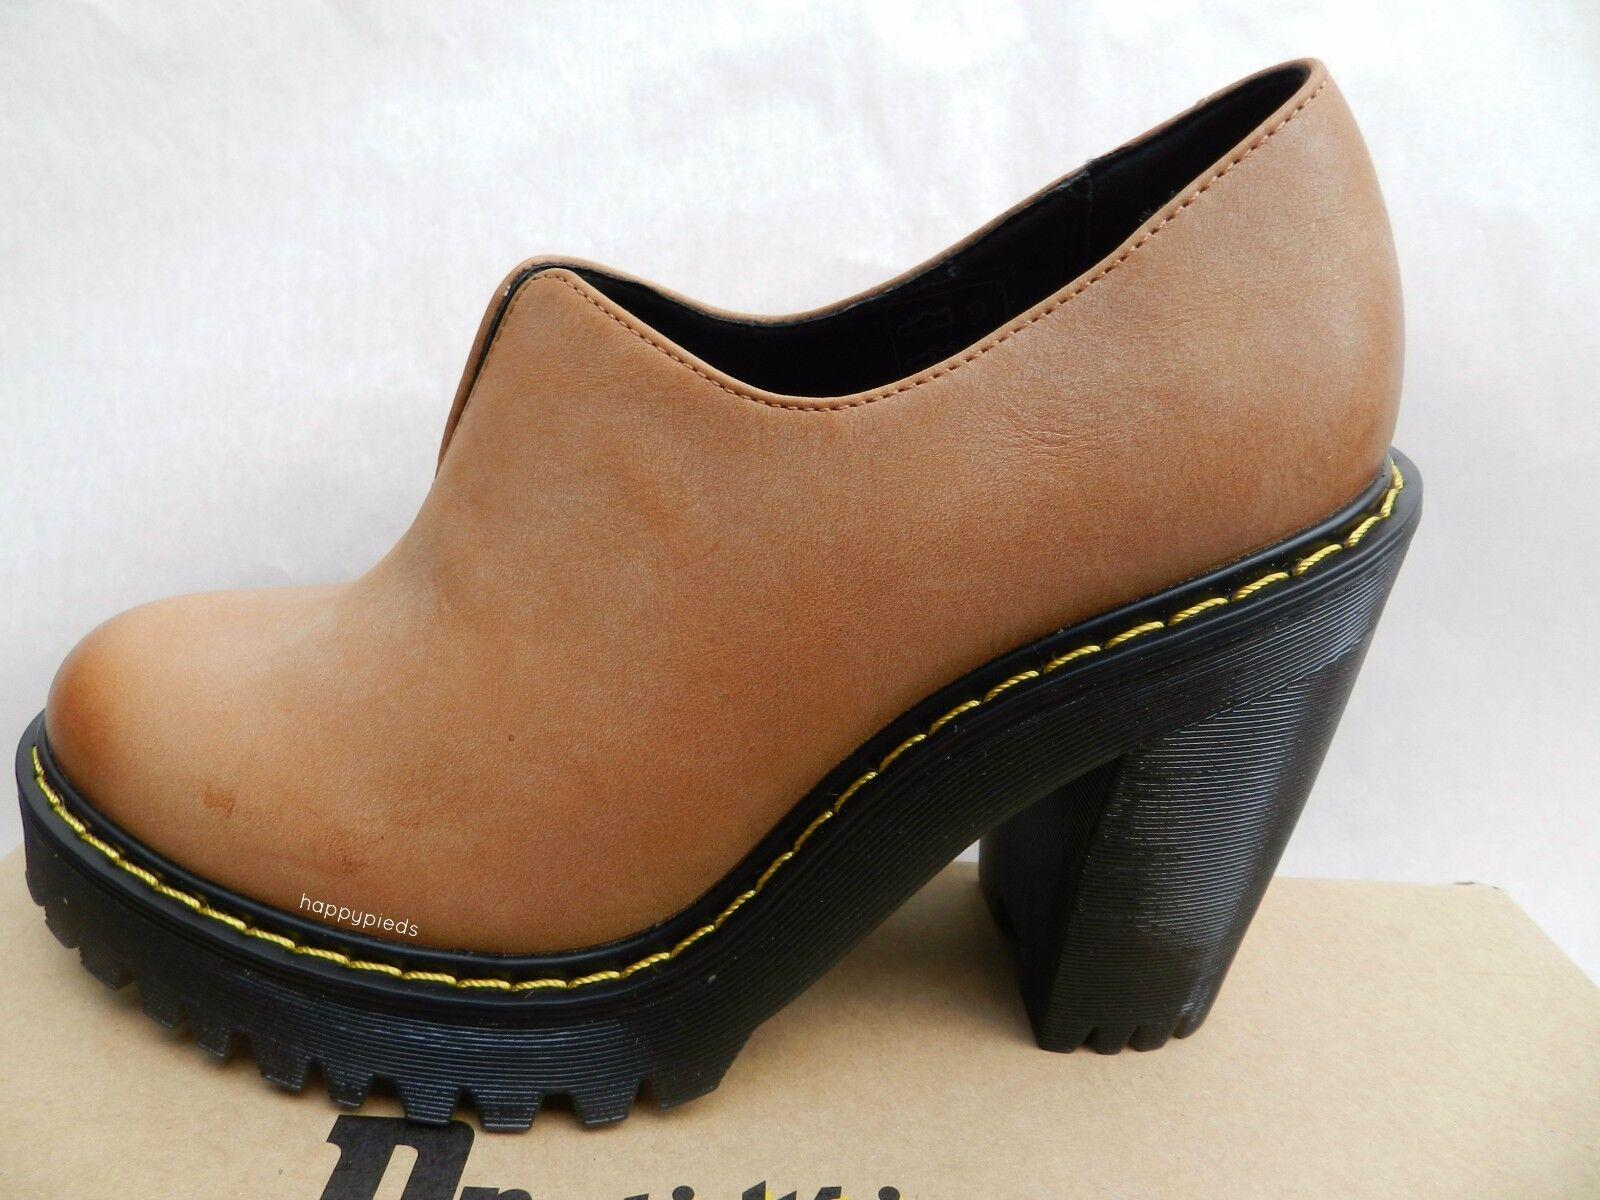 Dr Martens Cordelia zapatos Femme 40 Escarpins Salome Brun Compensé UK6.5 New